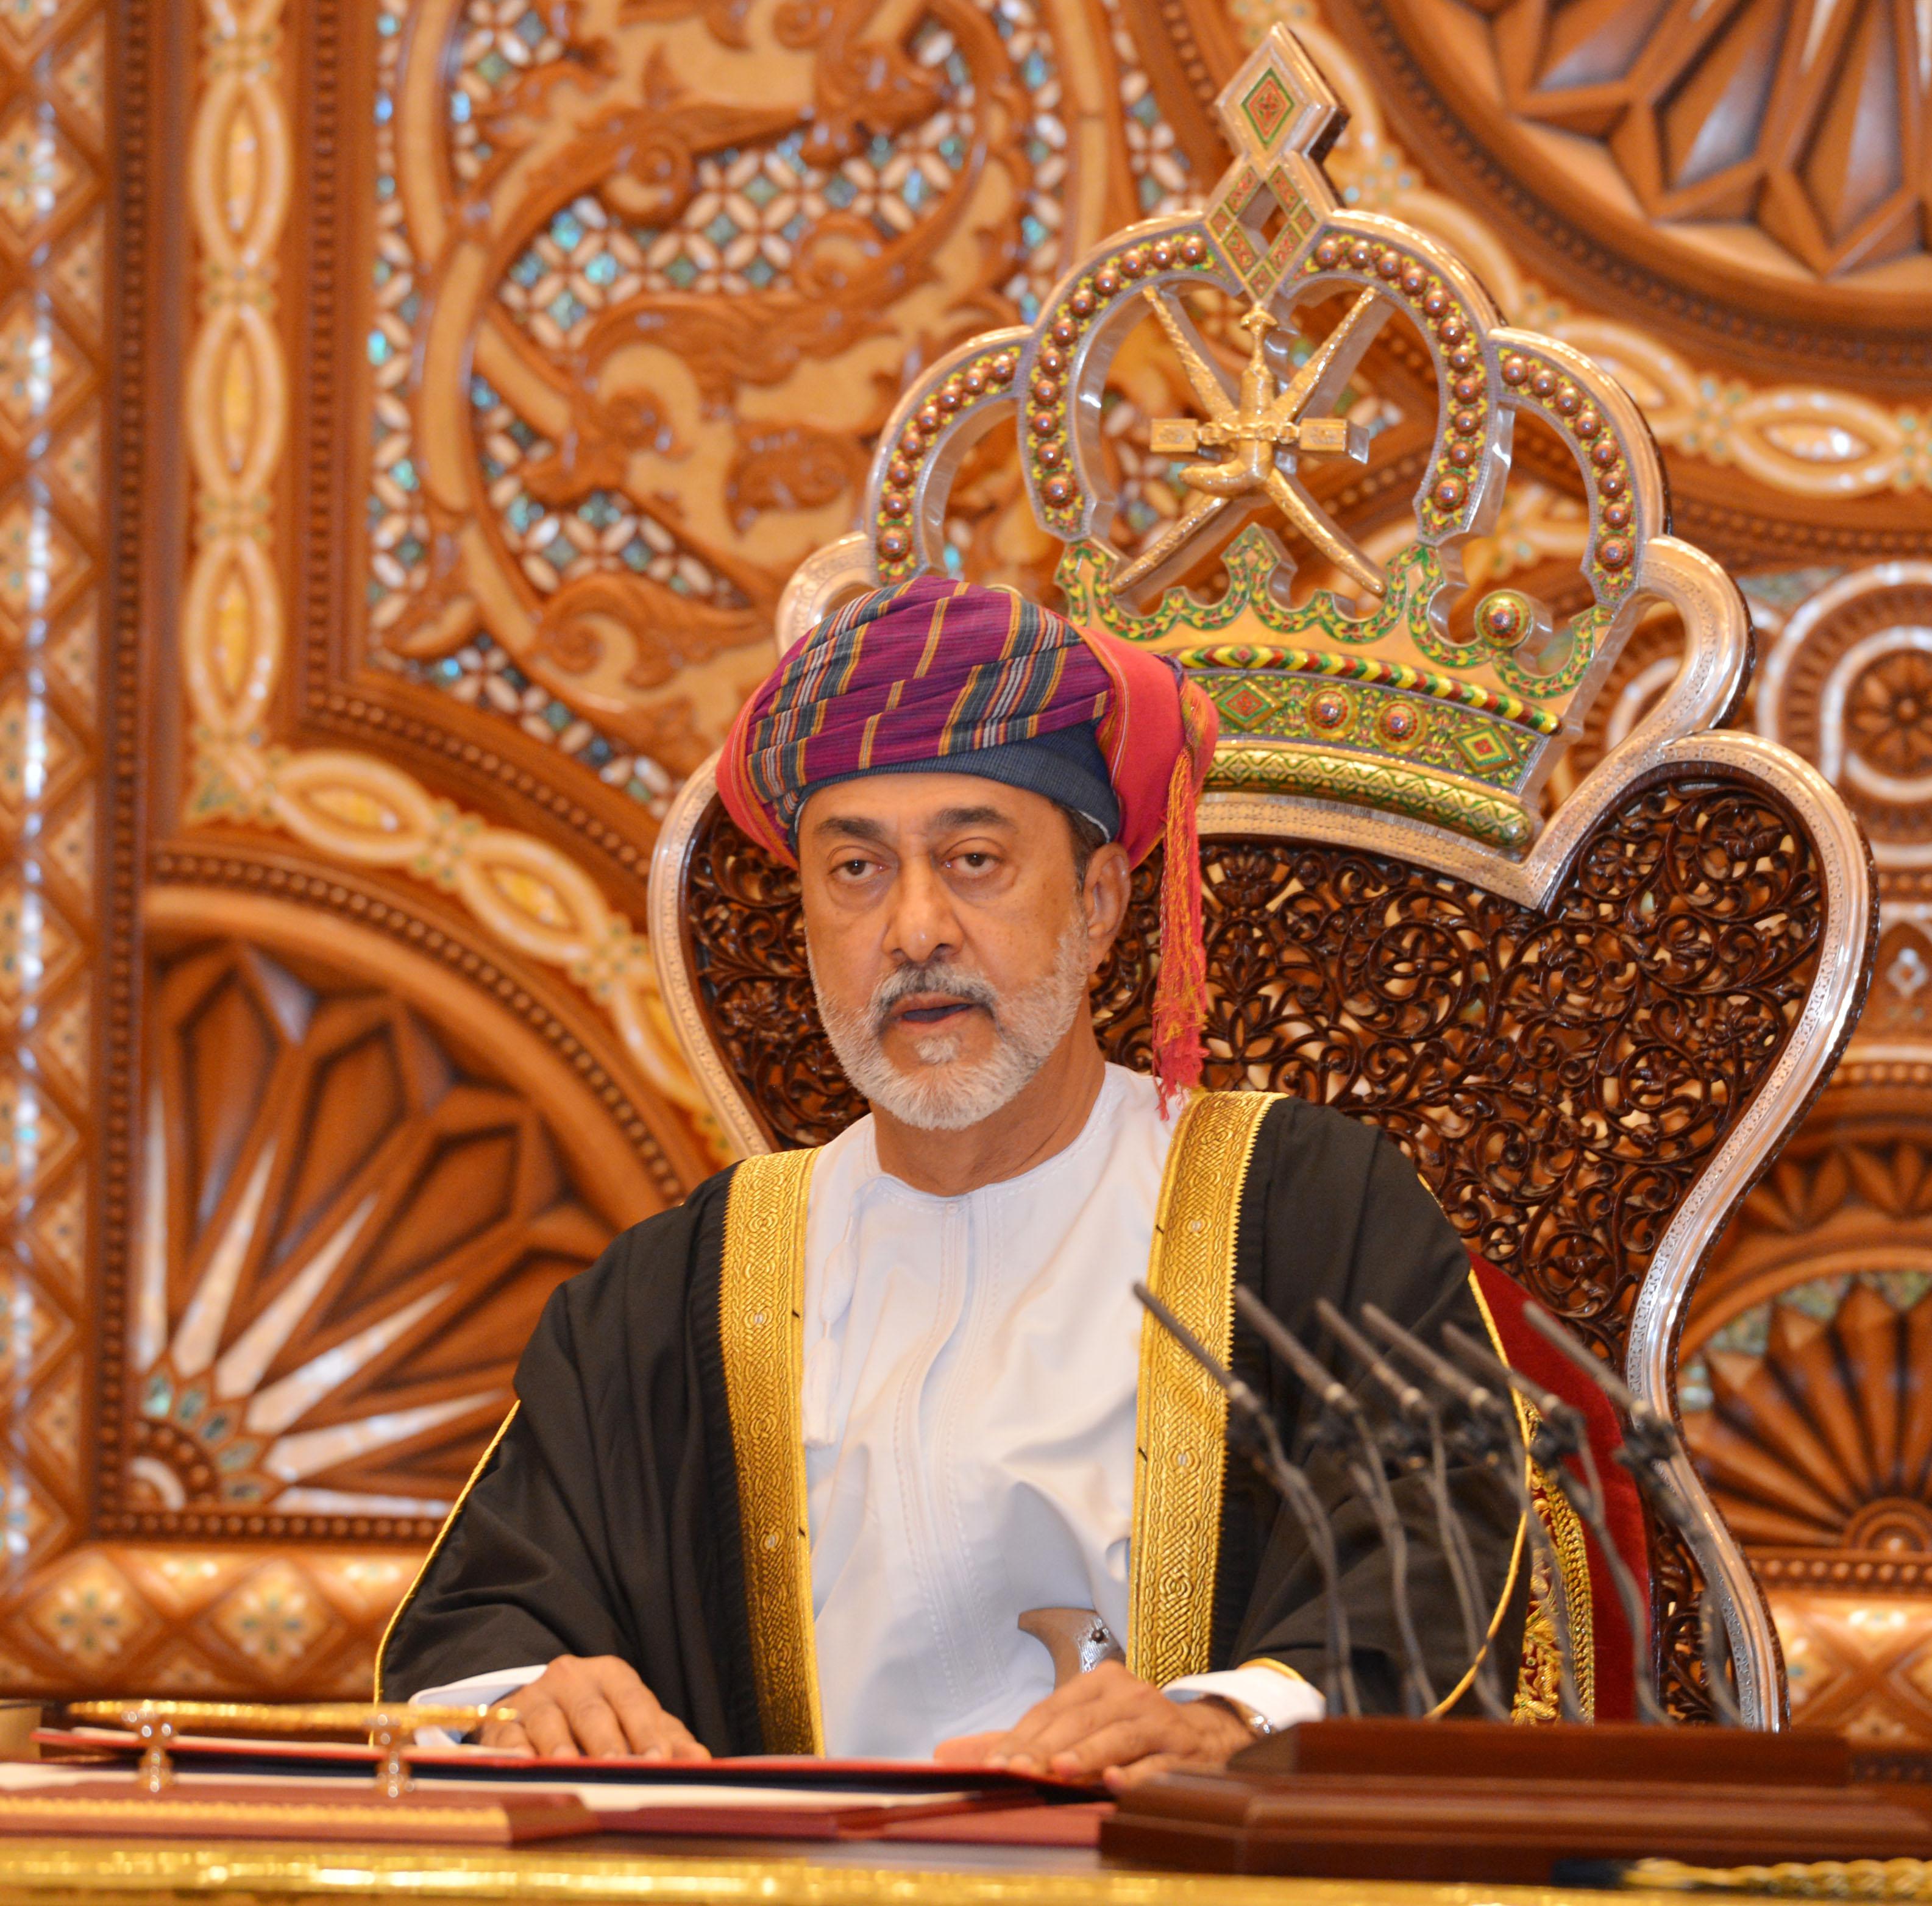 تنصيب-جلالة-السلطان-هيثم-بن-طارق-آل-سعيد١٤